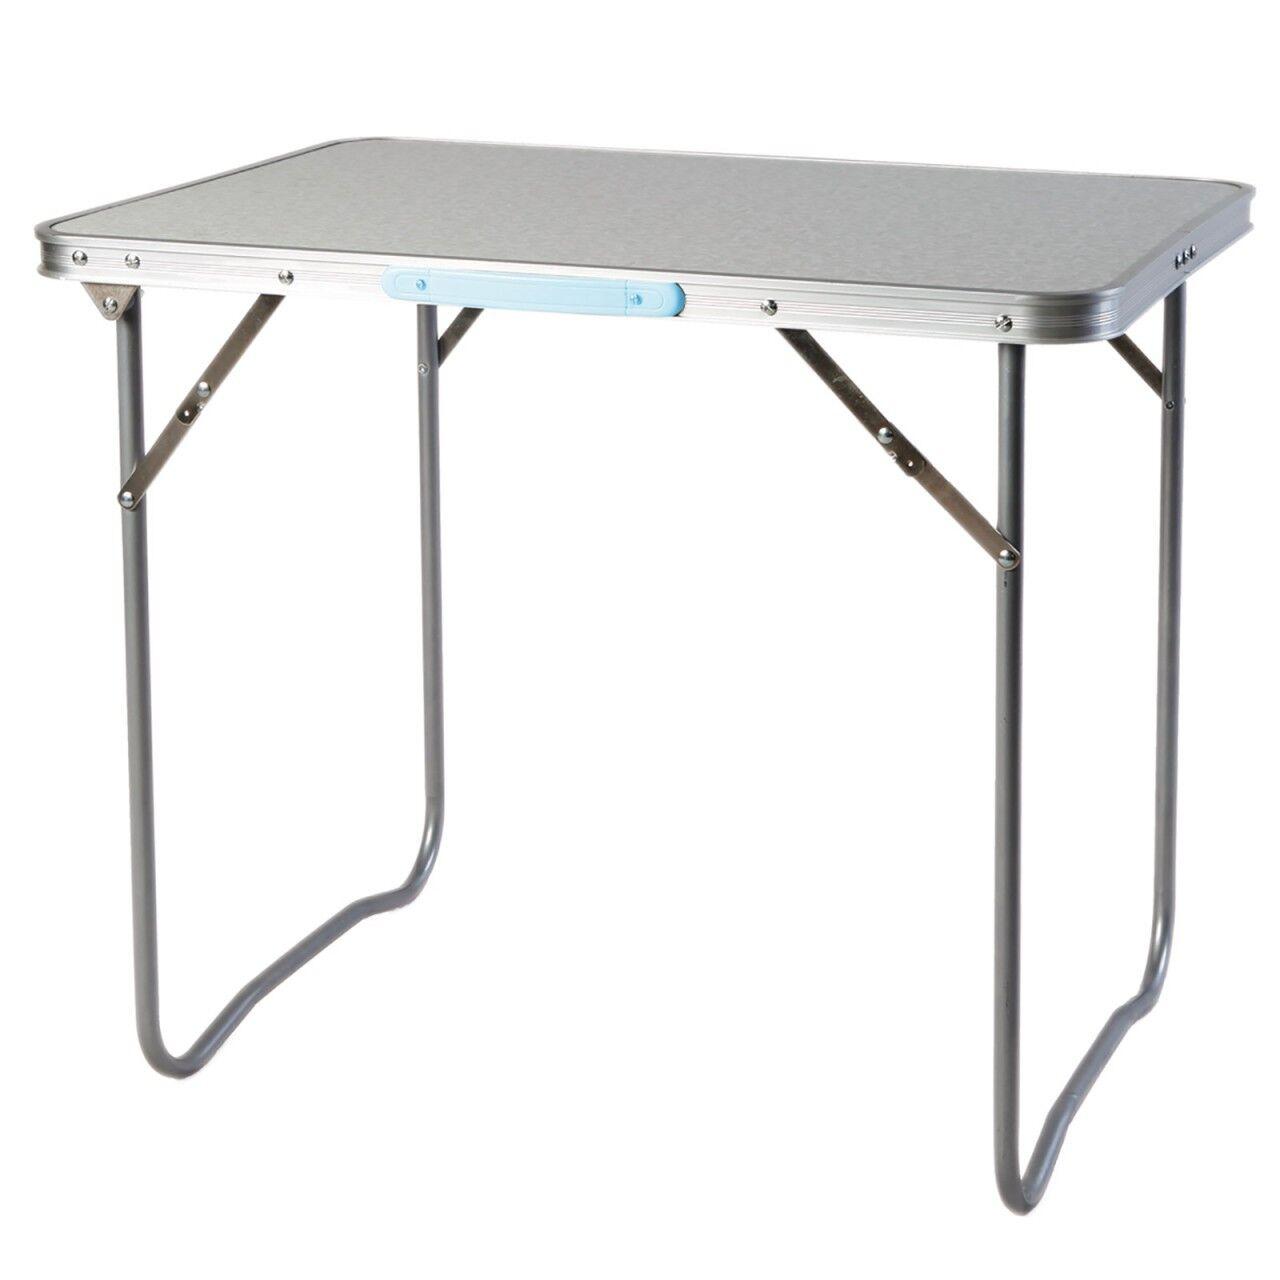 Campingtisch Tisch Lindner 2 Größen 70x50x60 und 80x60x70cm Alu Gestell lesen